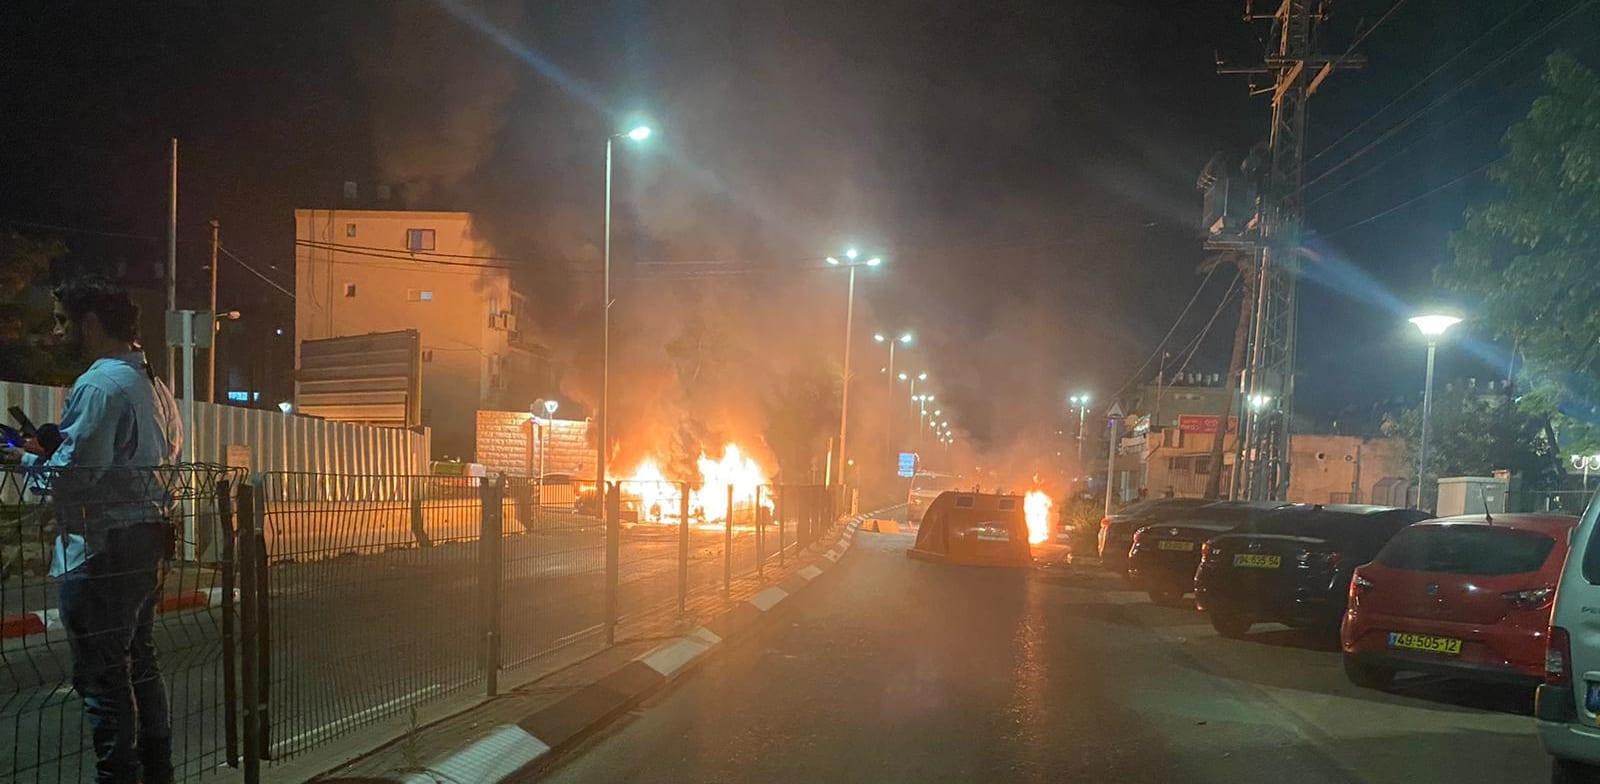 המהומות בצפון / צילום: דוברות המשטרה